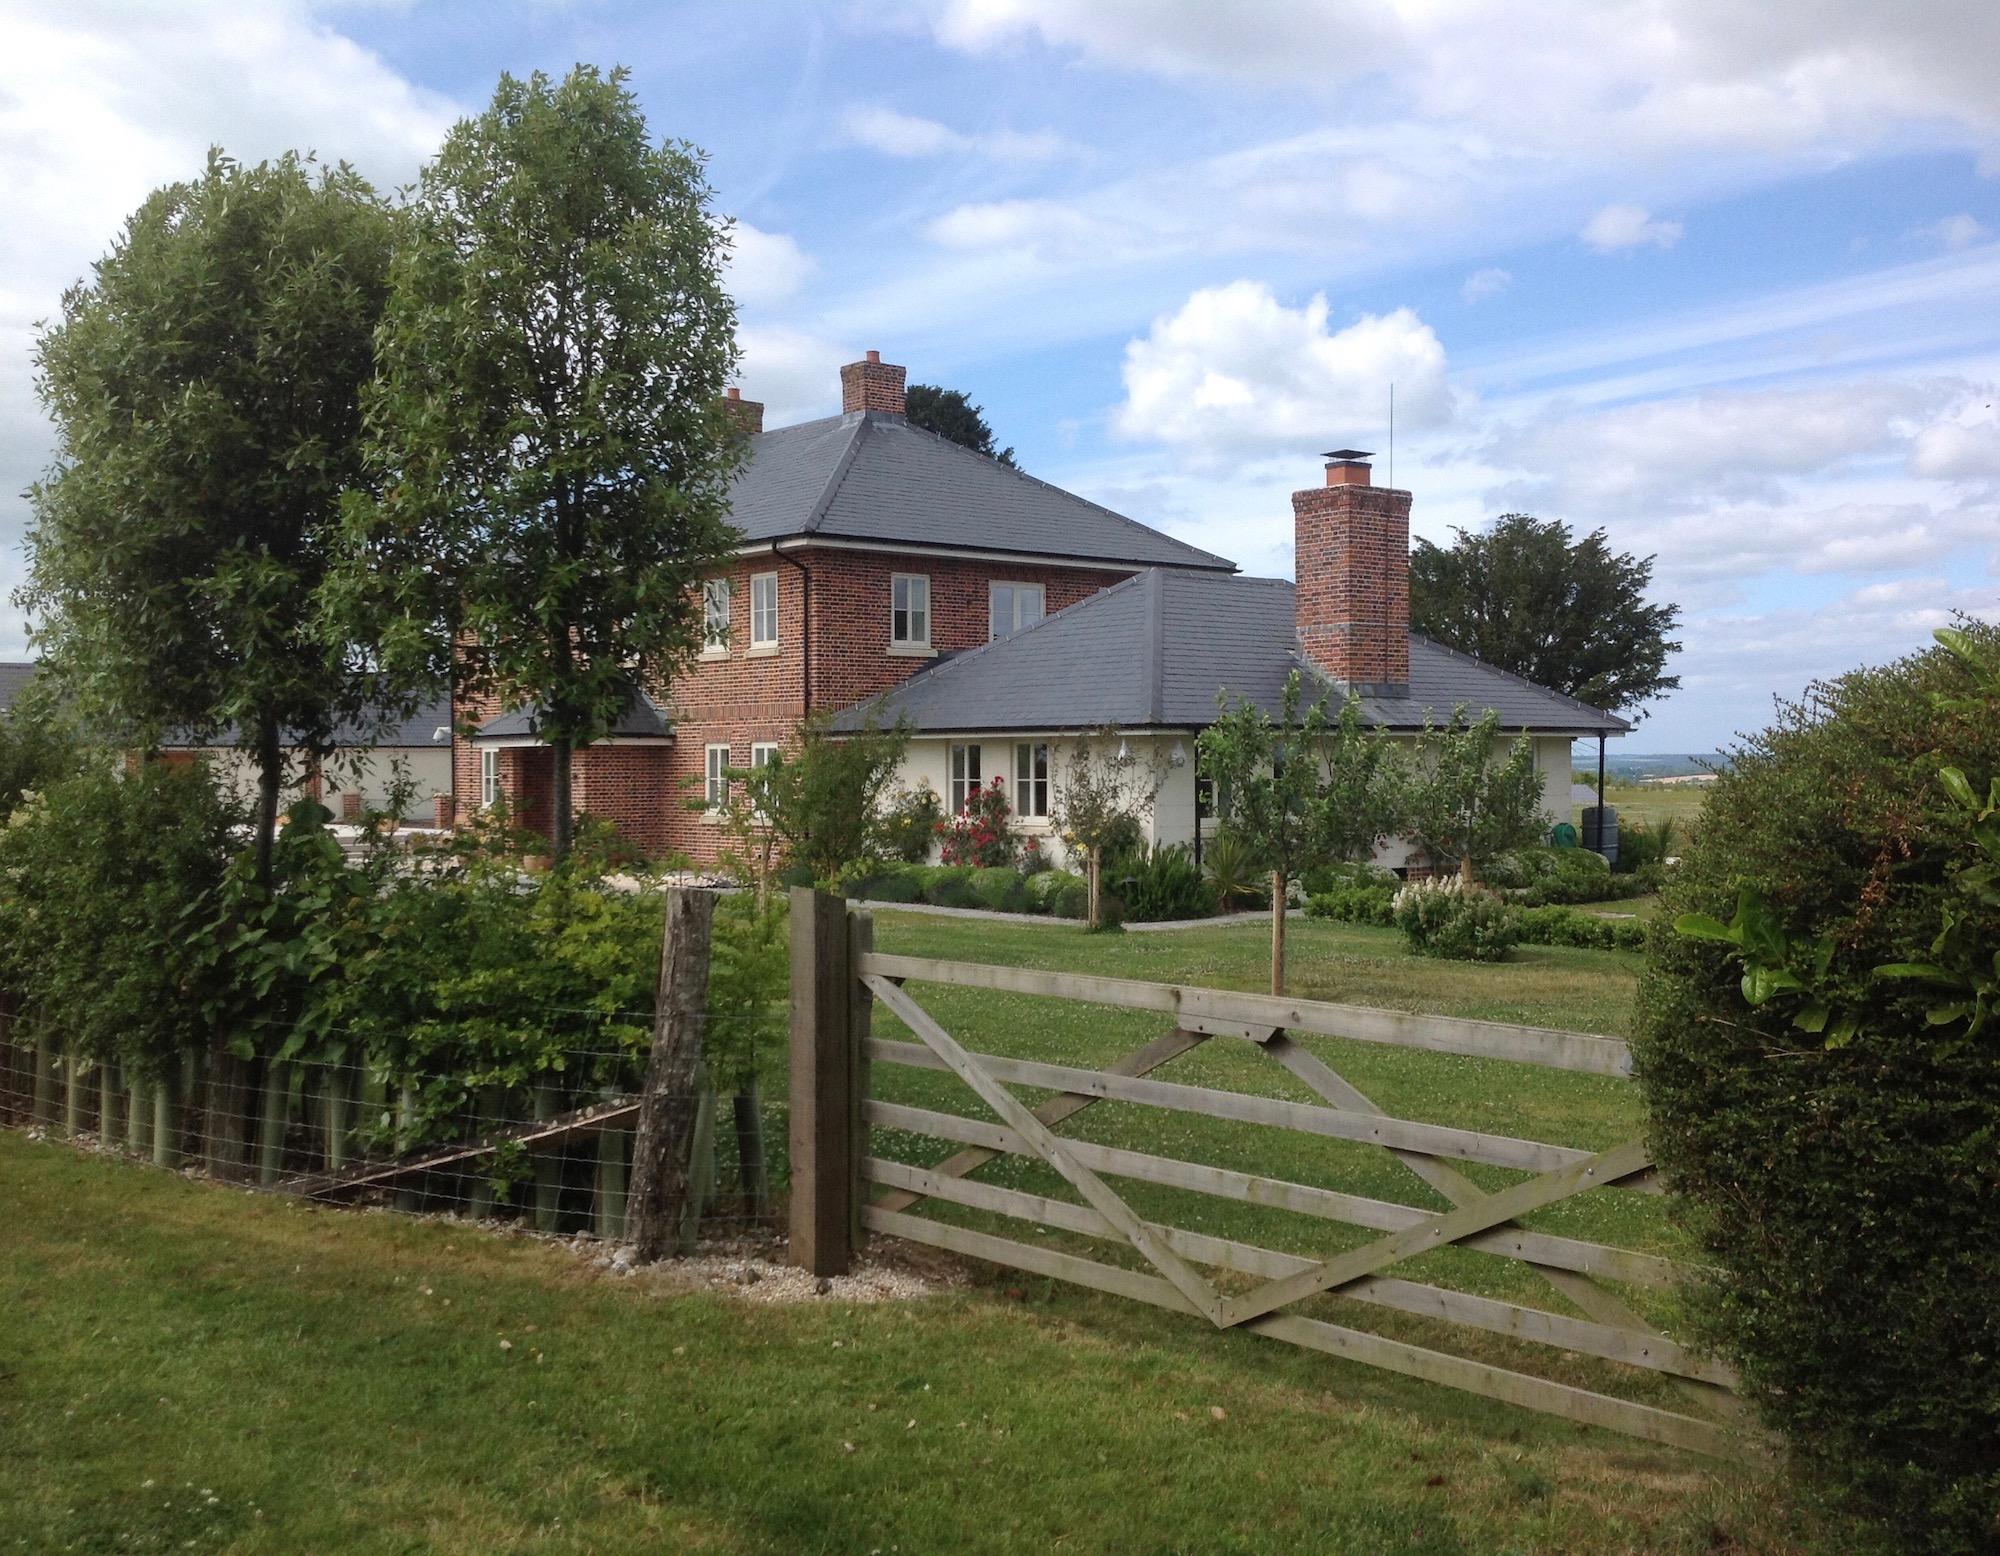 WIndmill Farm landscape architecture 01.jpg